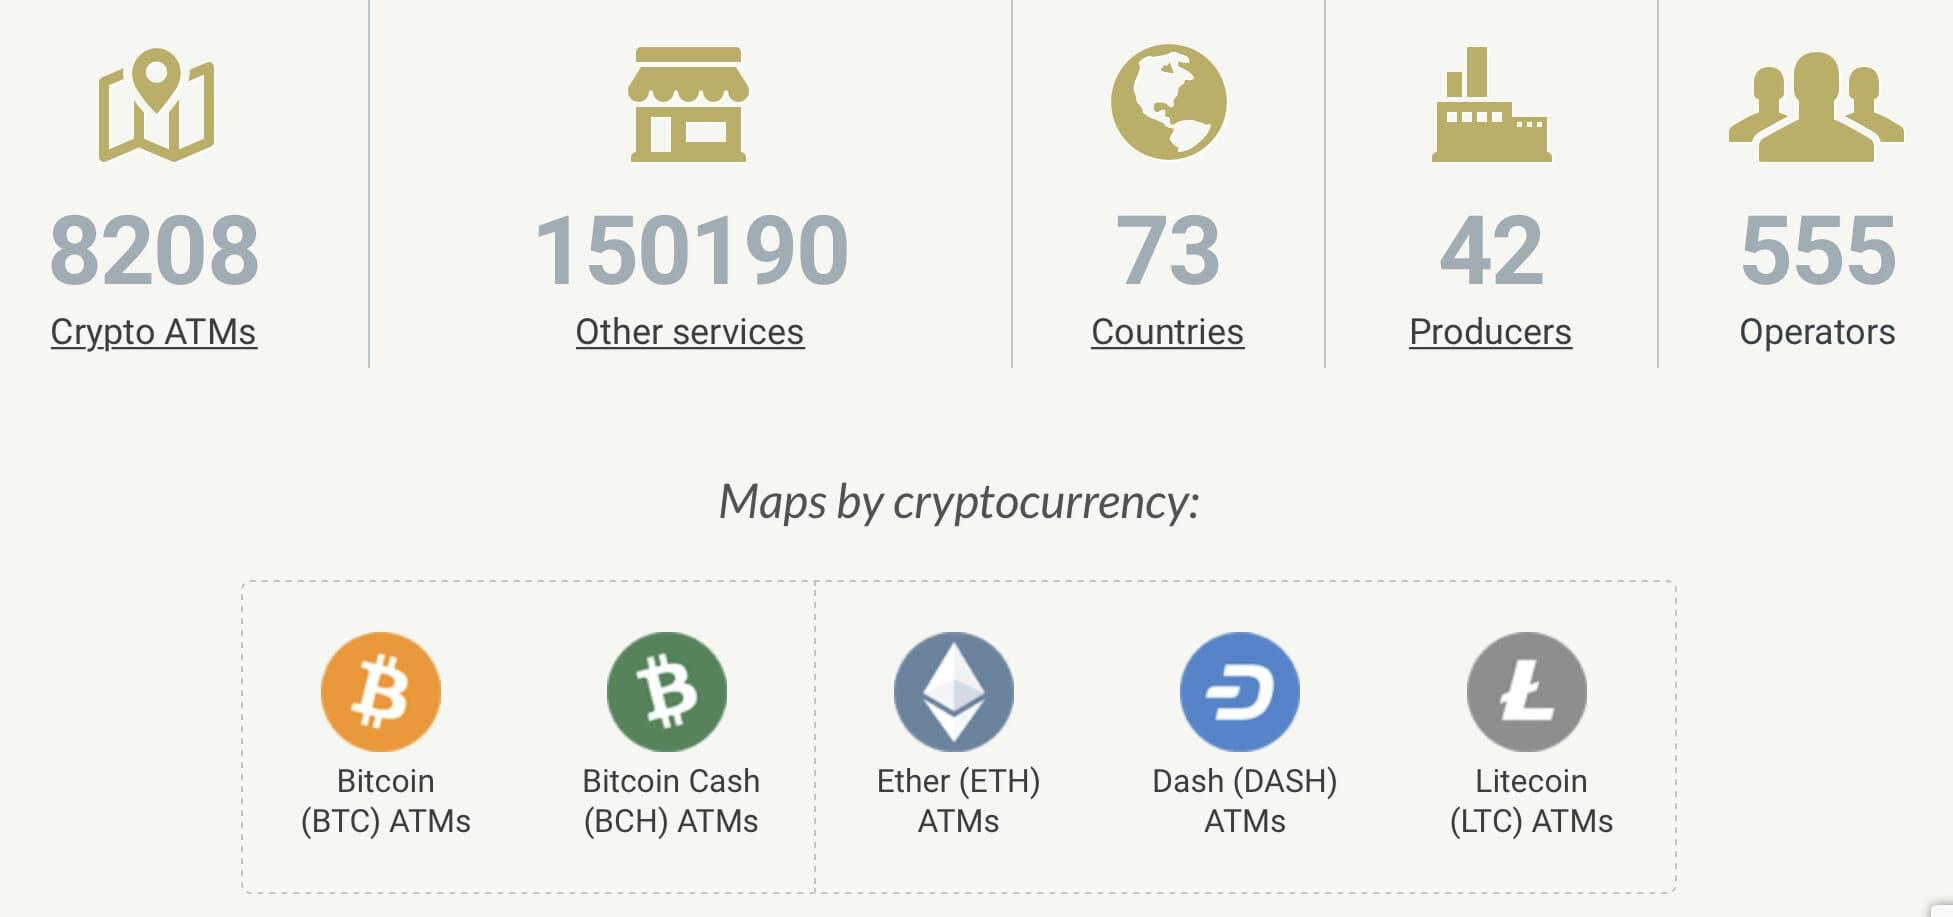 Dünya Genelindeki Bitcoin ATM'lerinin Sayısı 8 Bini Geçti 3